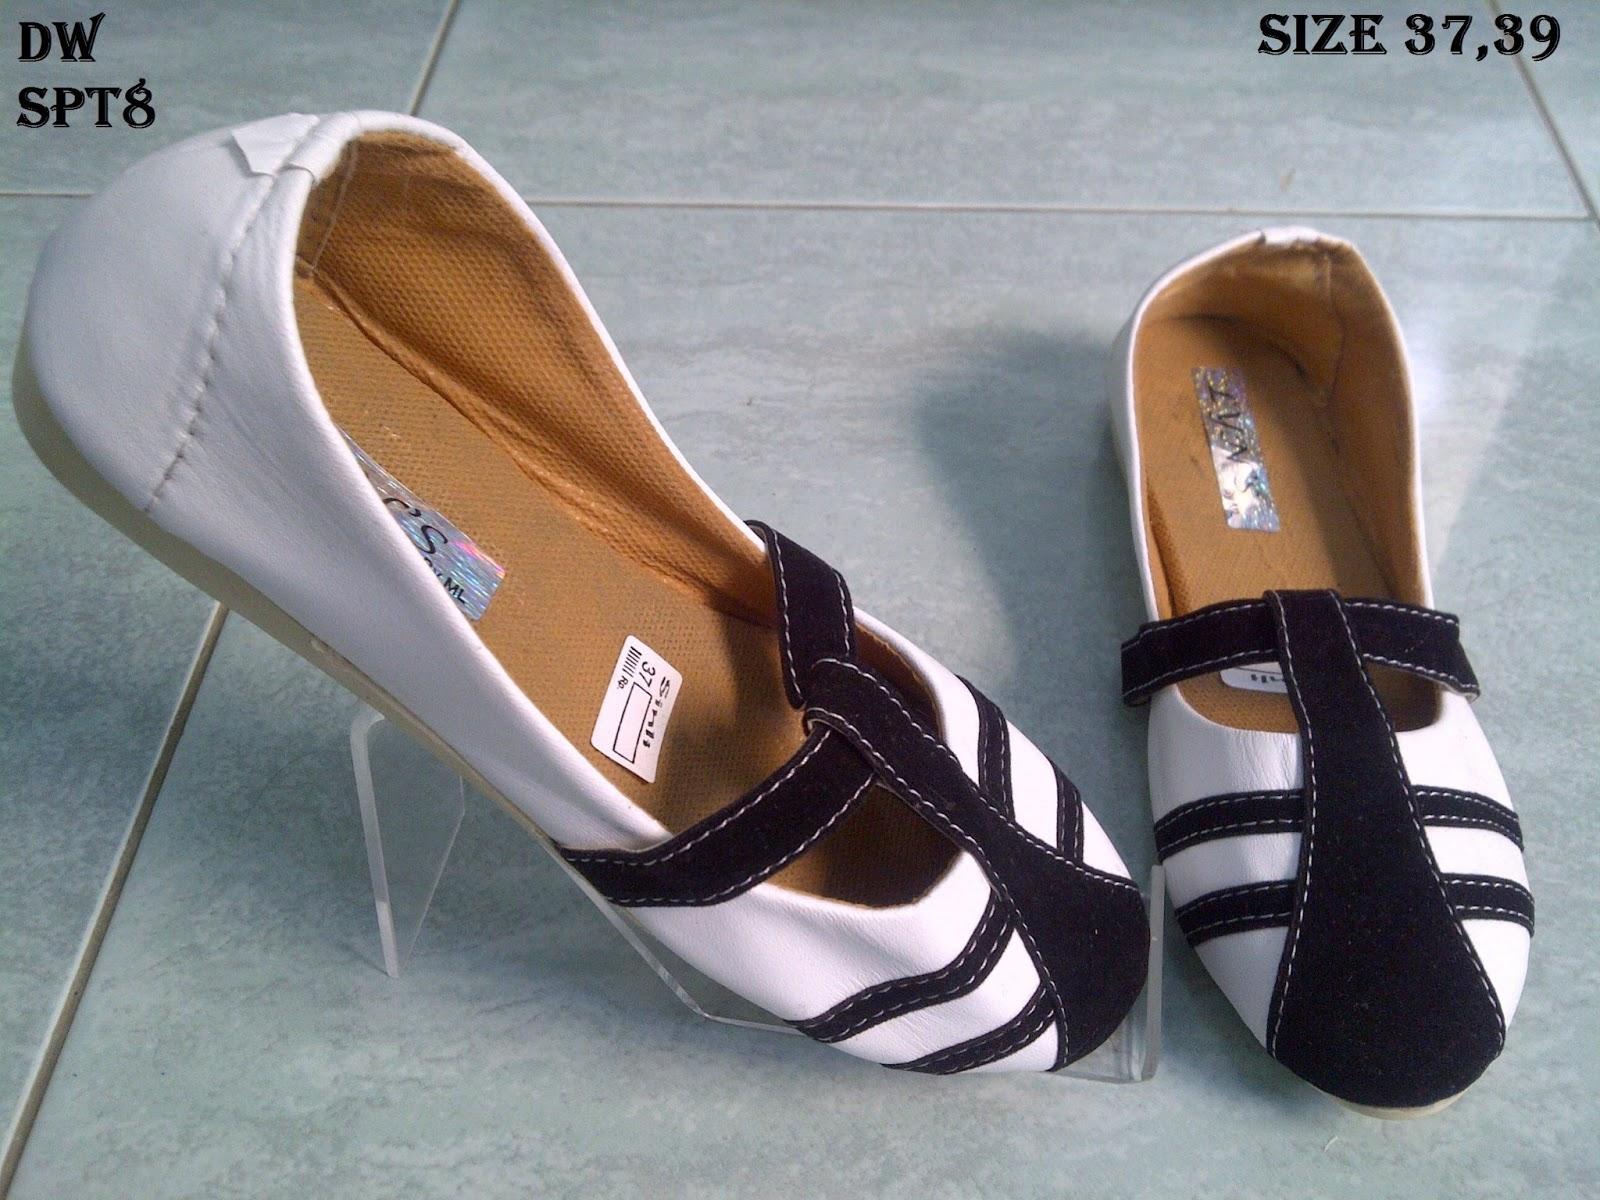 Harga Dan Model Sandal Sepatu Wanita Murah Dibawah 50